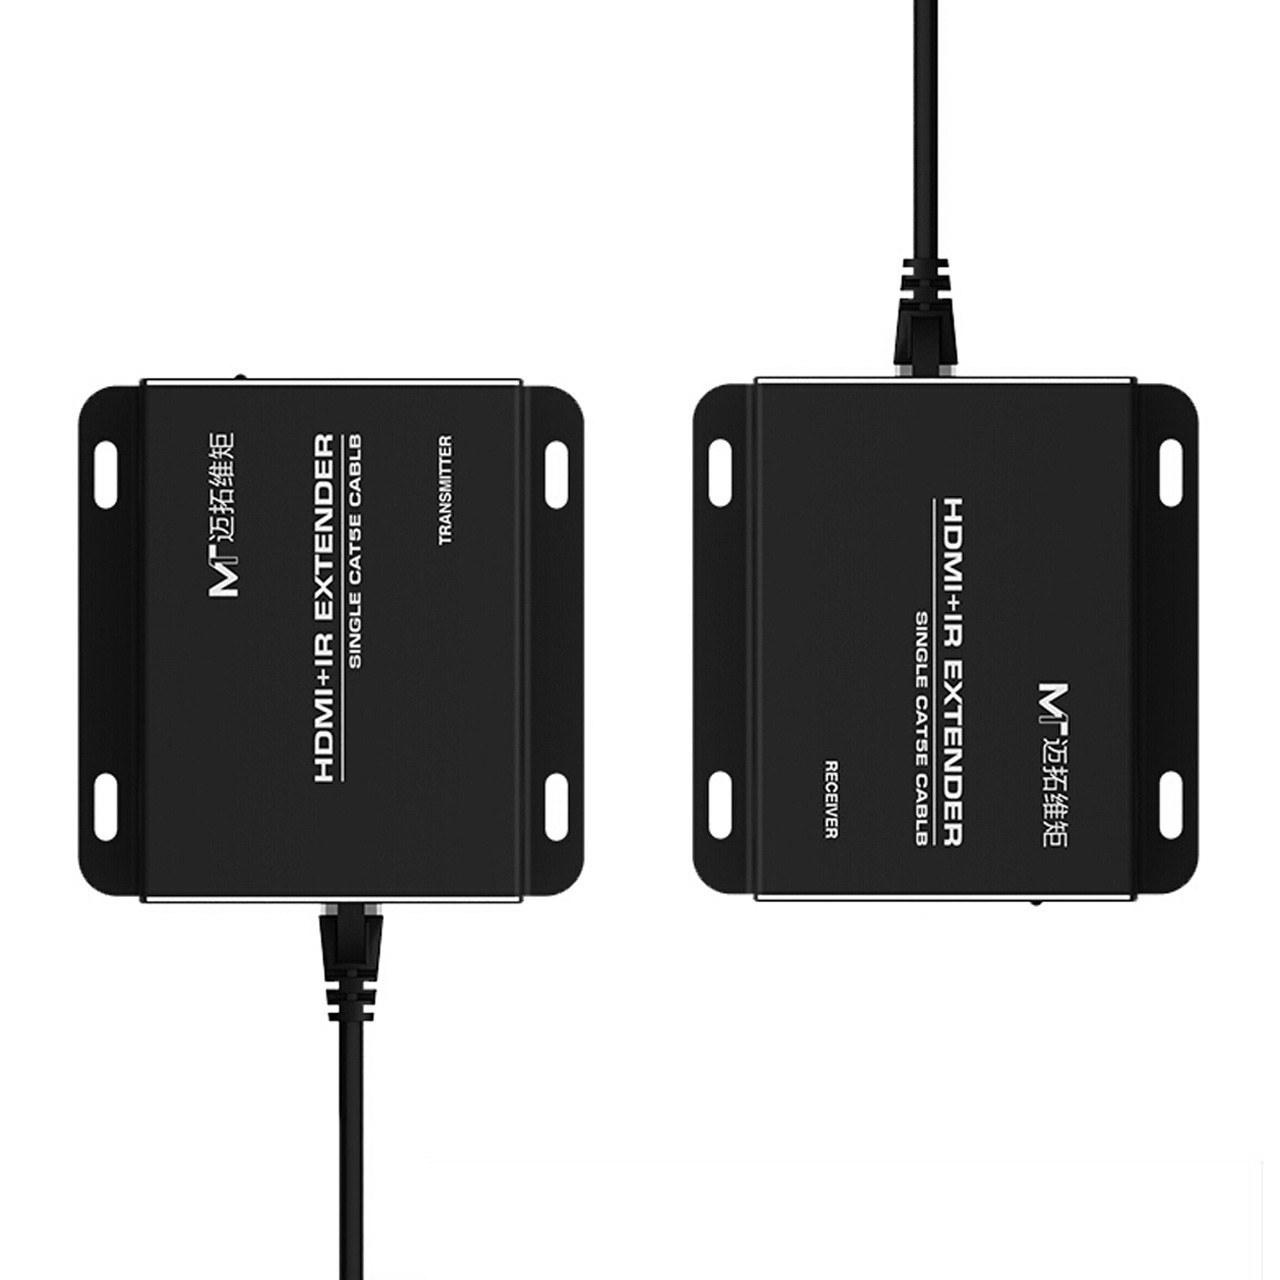 تصویر دستگاه افزایش طول 50 متری HDMI با یک رشته کابل شبکه